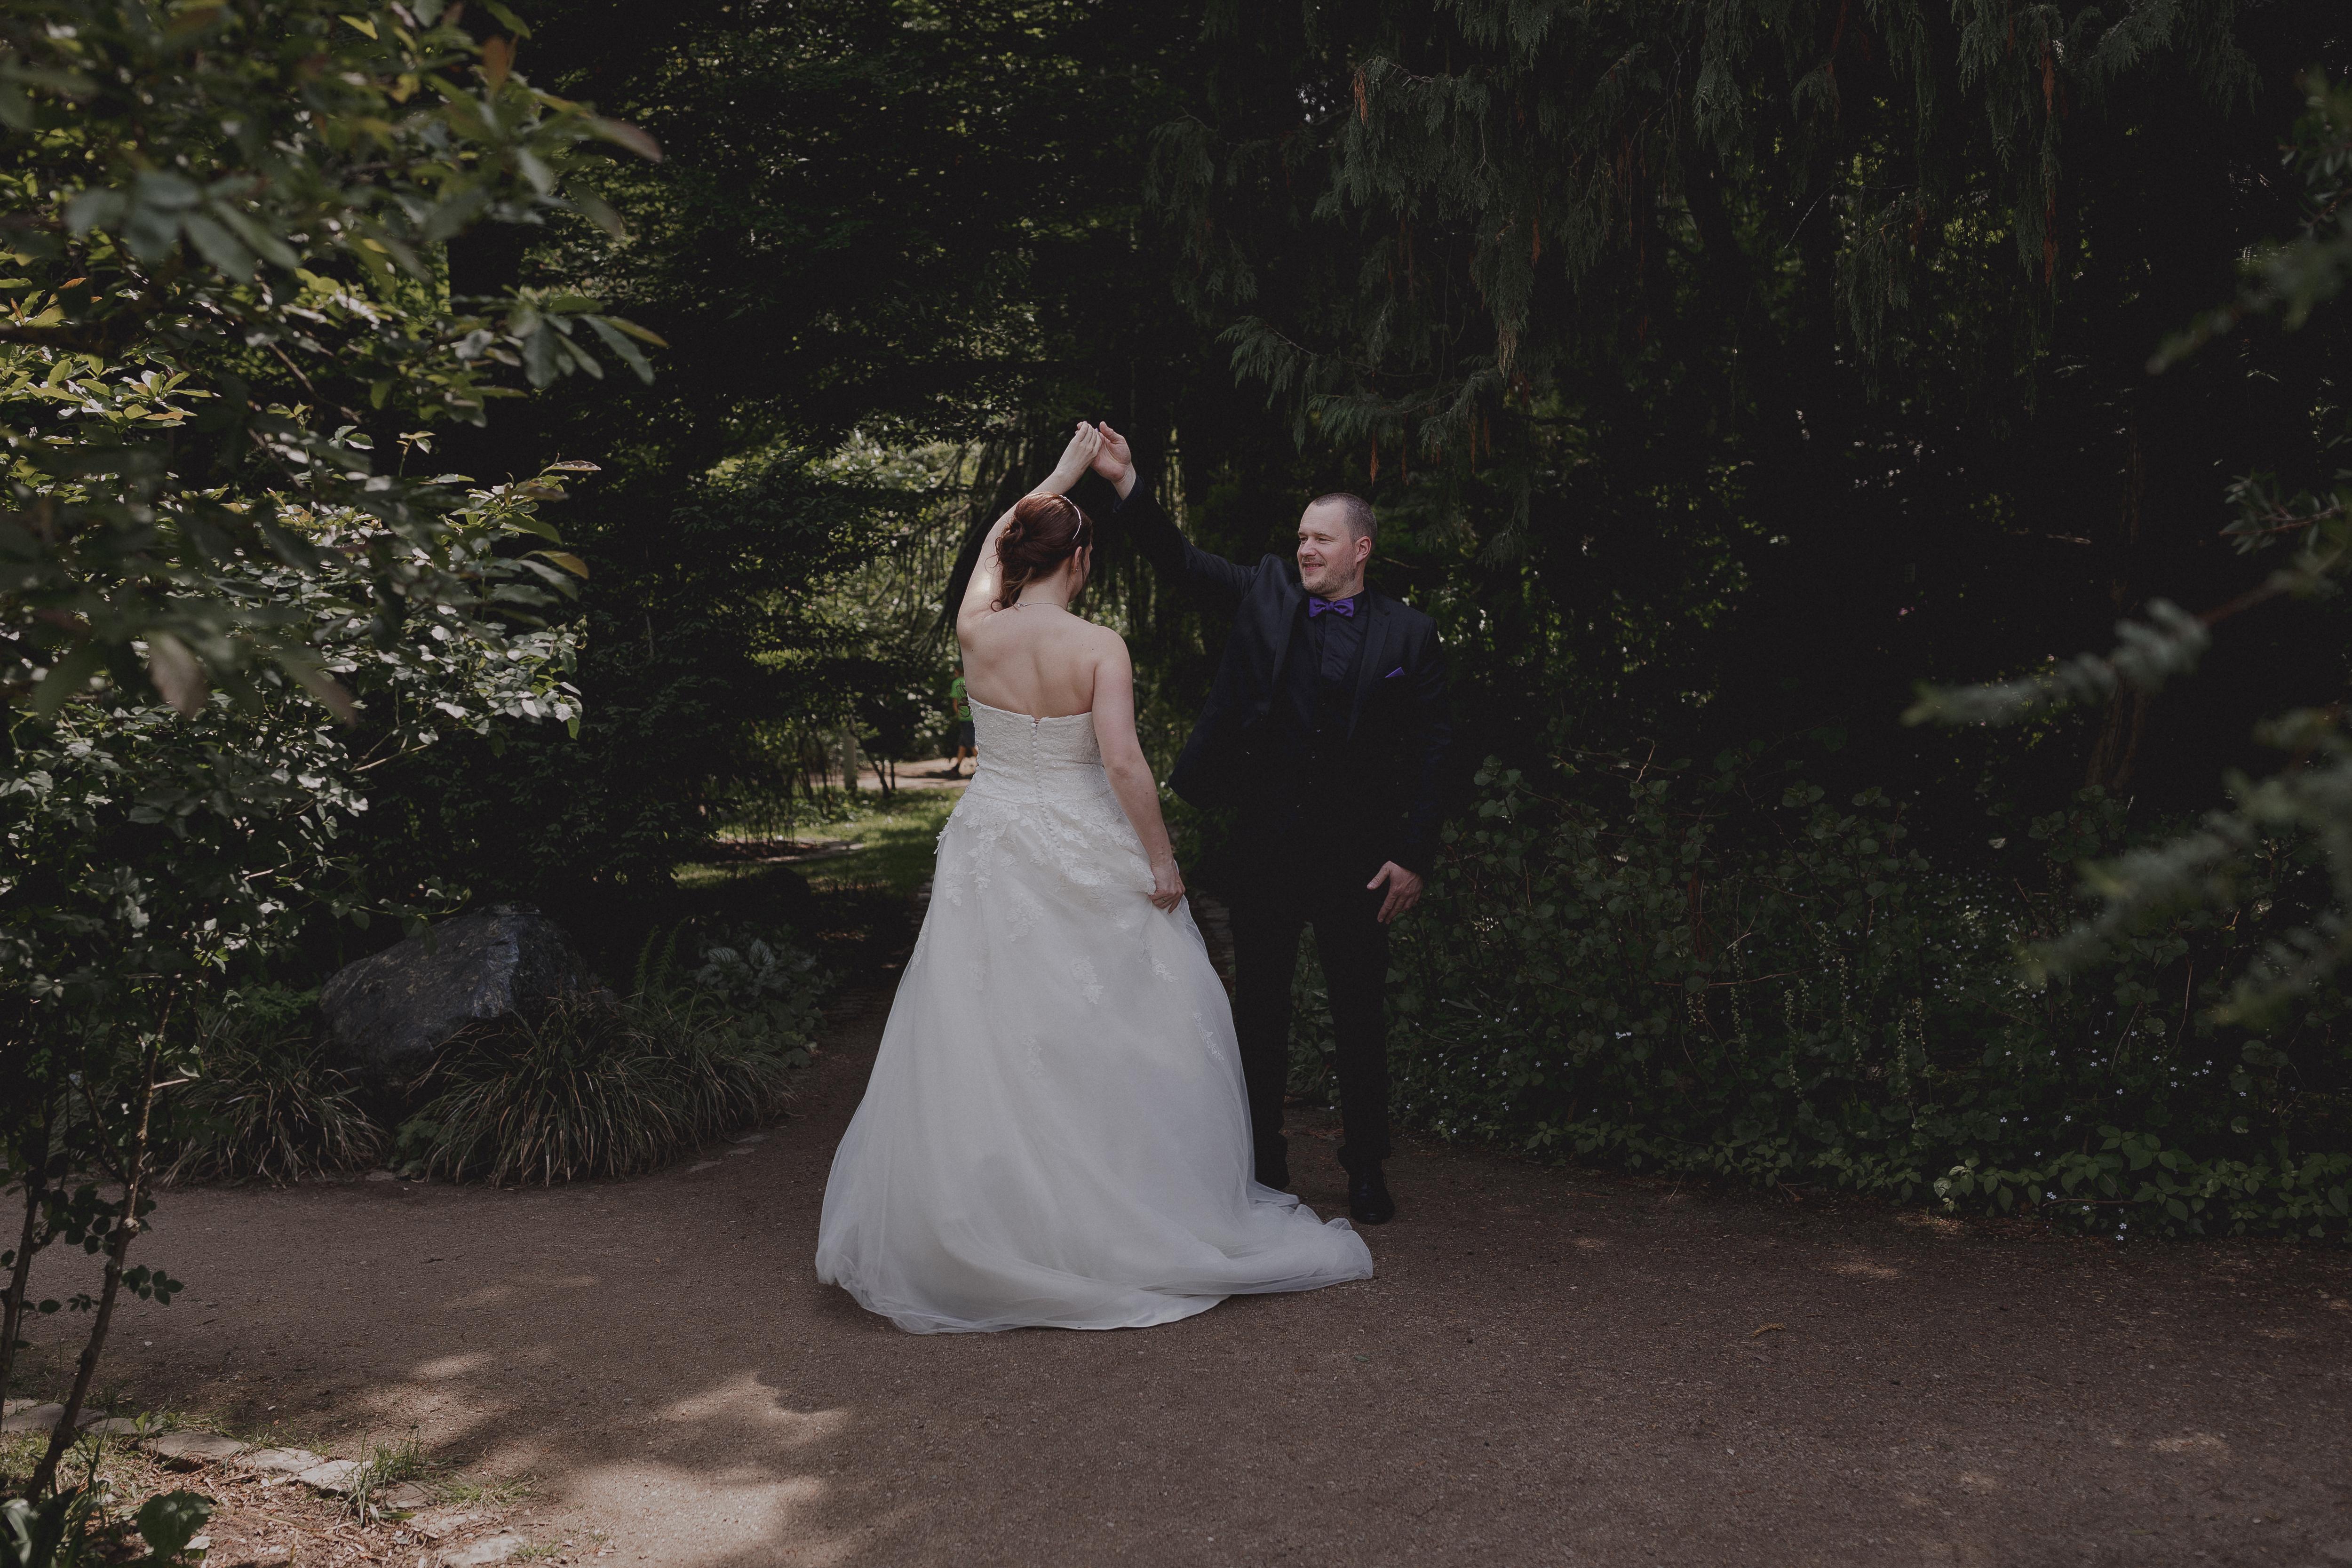 URBANERIE_Daniela_Goth_Vintage_Hochzeitsfotografin_Nuernberg_Fuerth_Erlangen_180519_0628